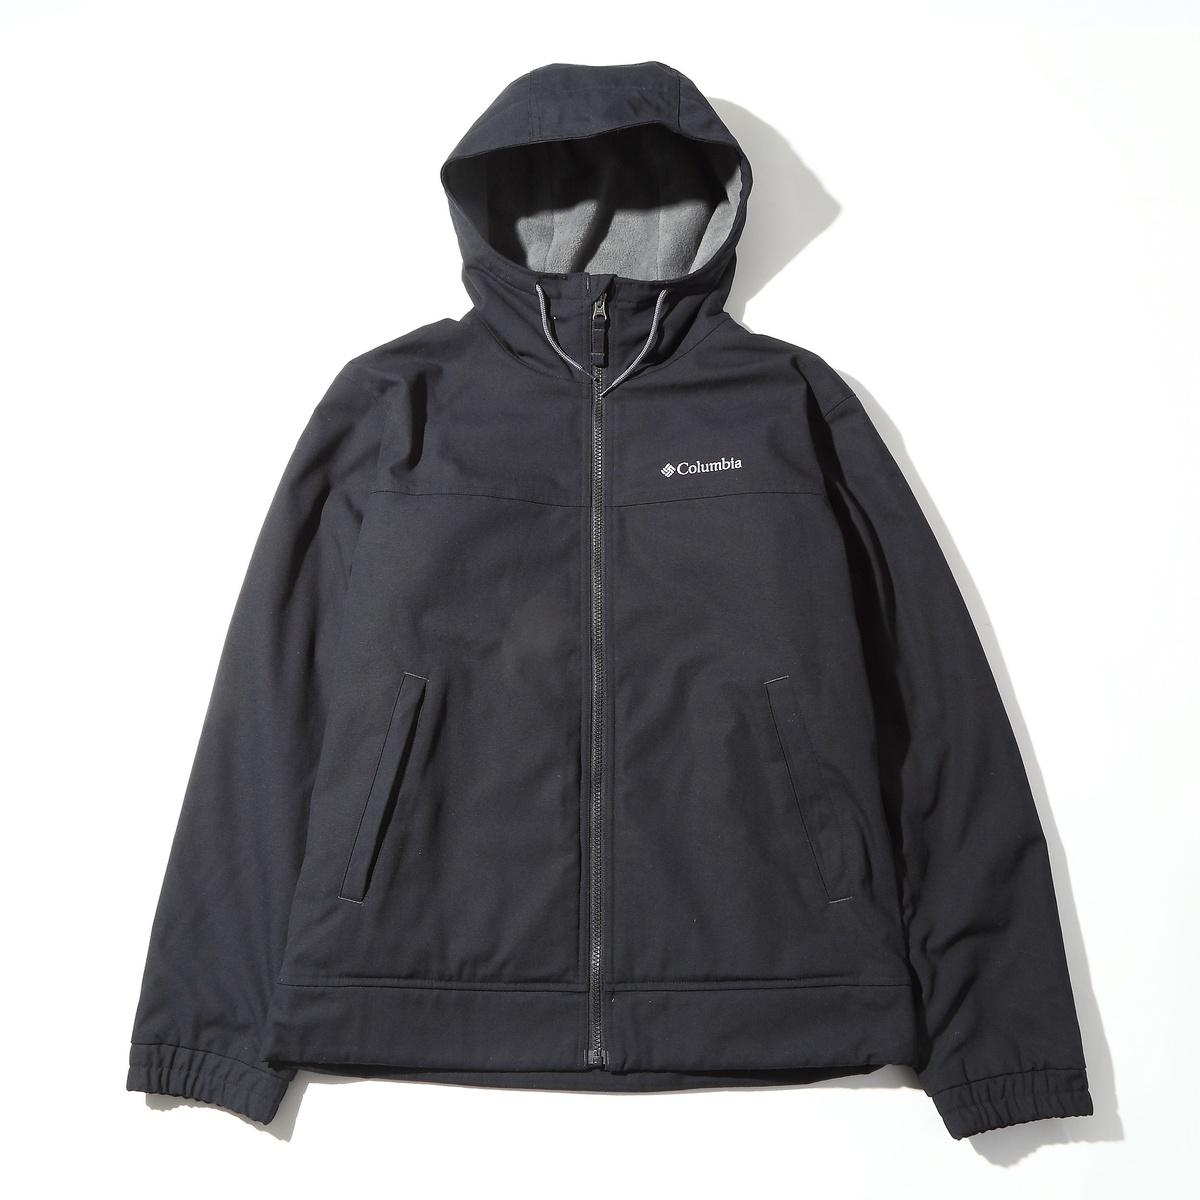 【送料無料】 Columbia (コロンビア) トレッキング アウトドア 厚手ジャケット サンポイントジャケット メンズ BLACK PM3783-010